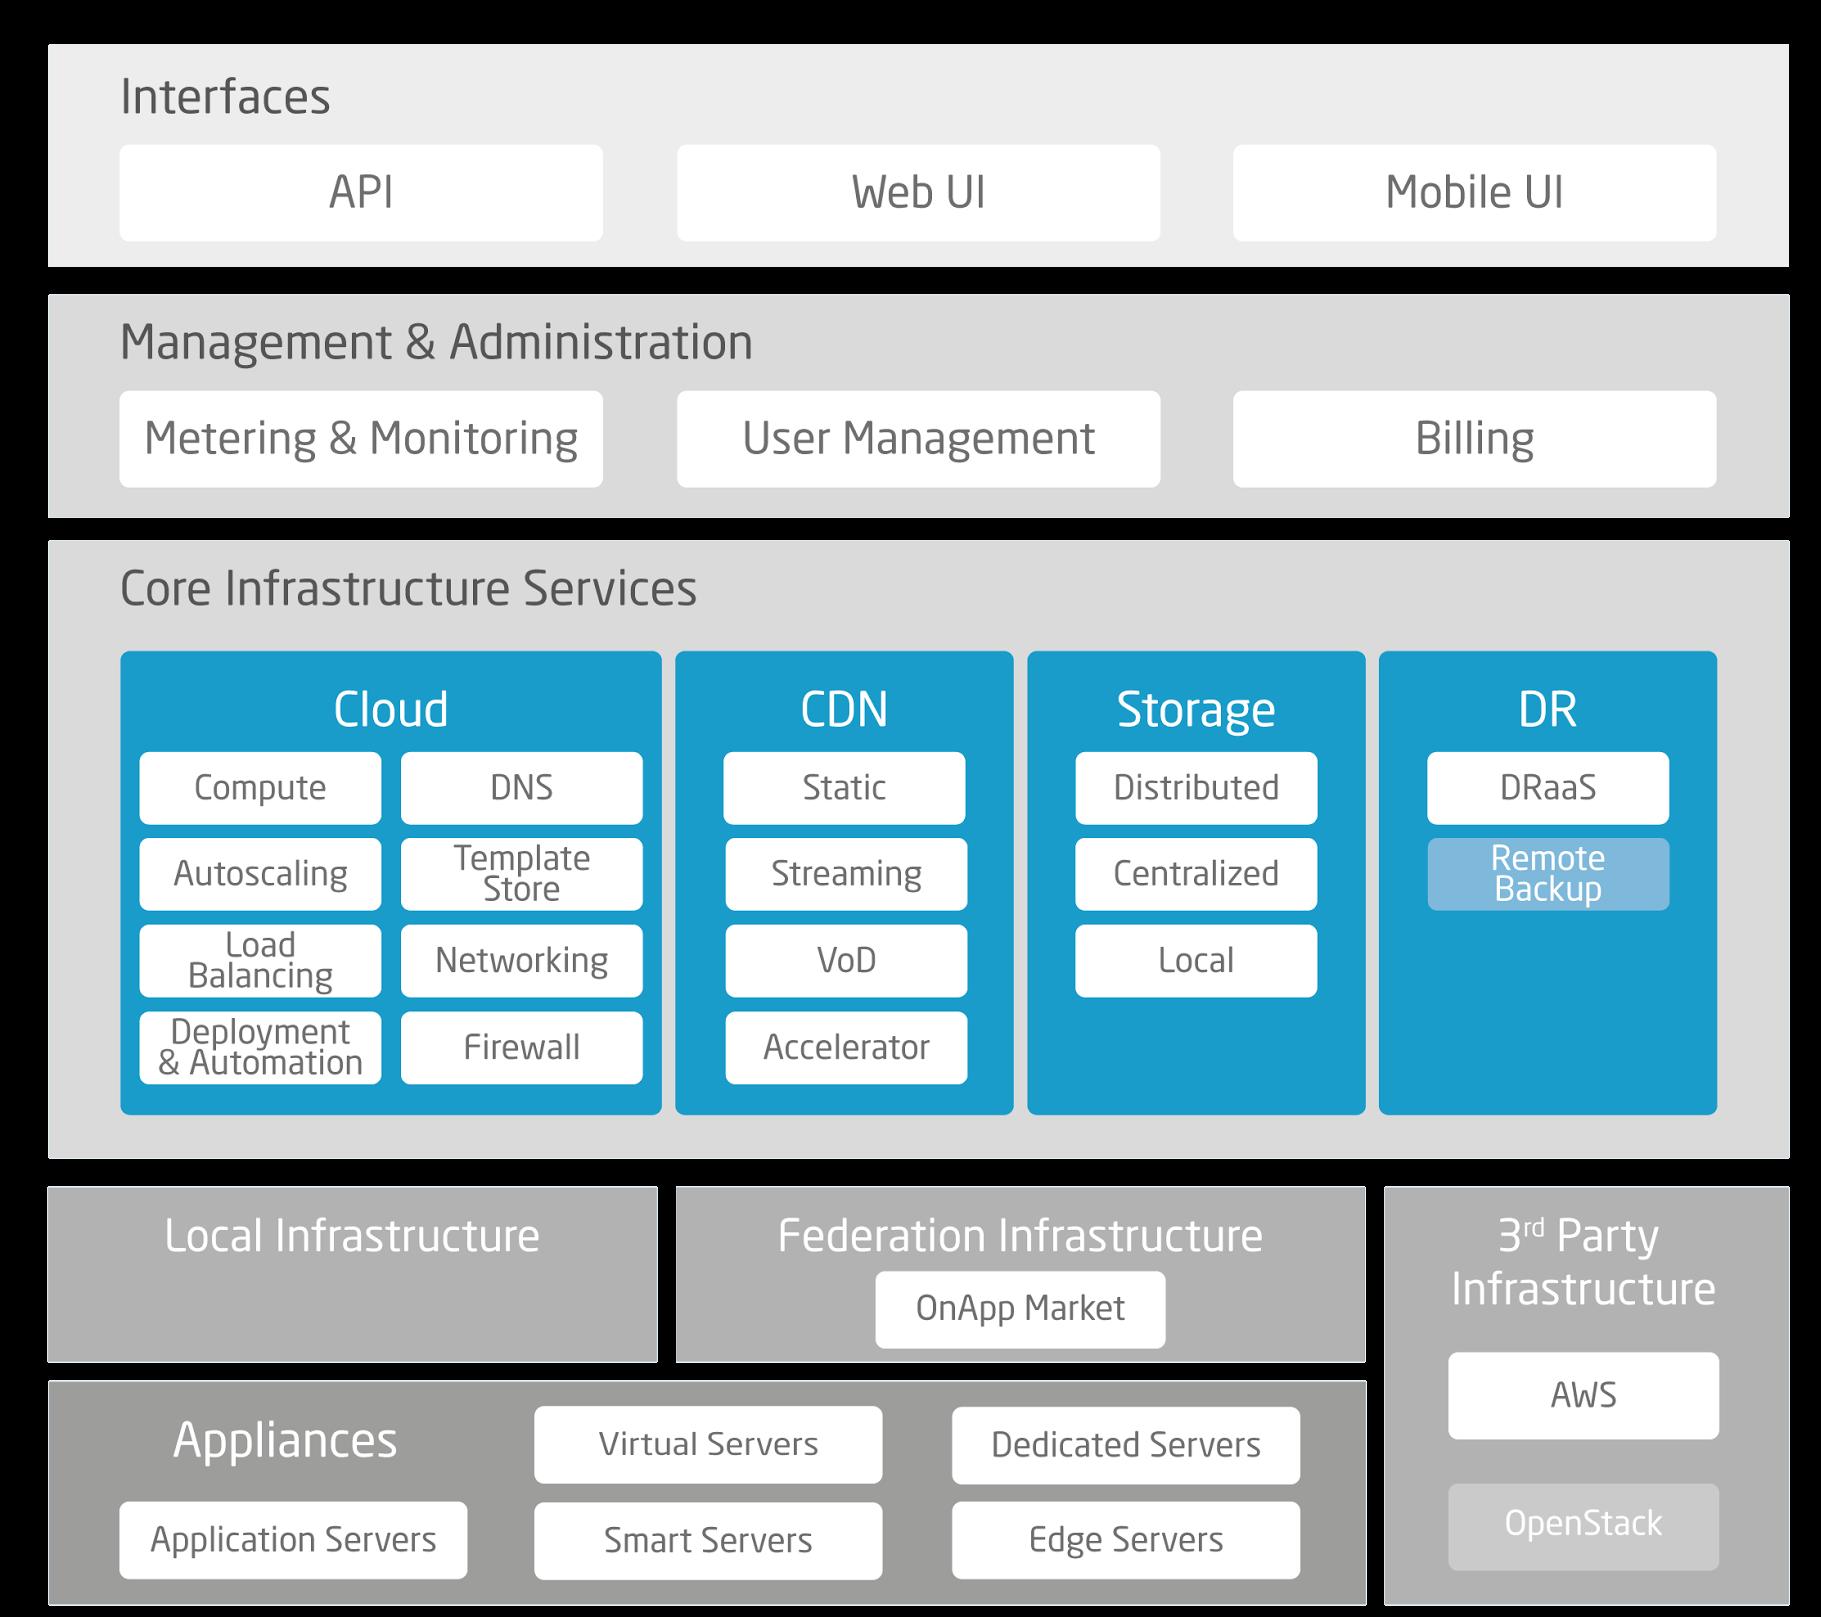 OnApp cloud management platform overview